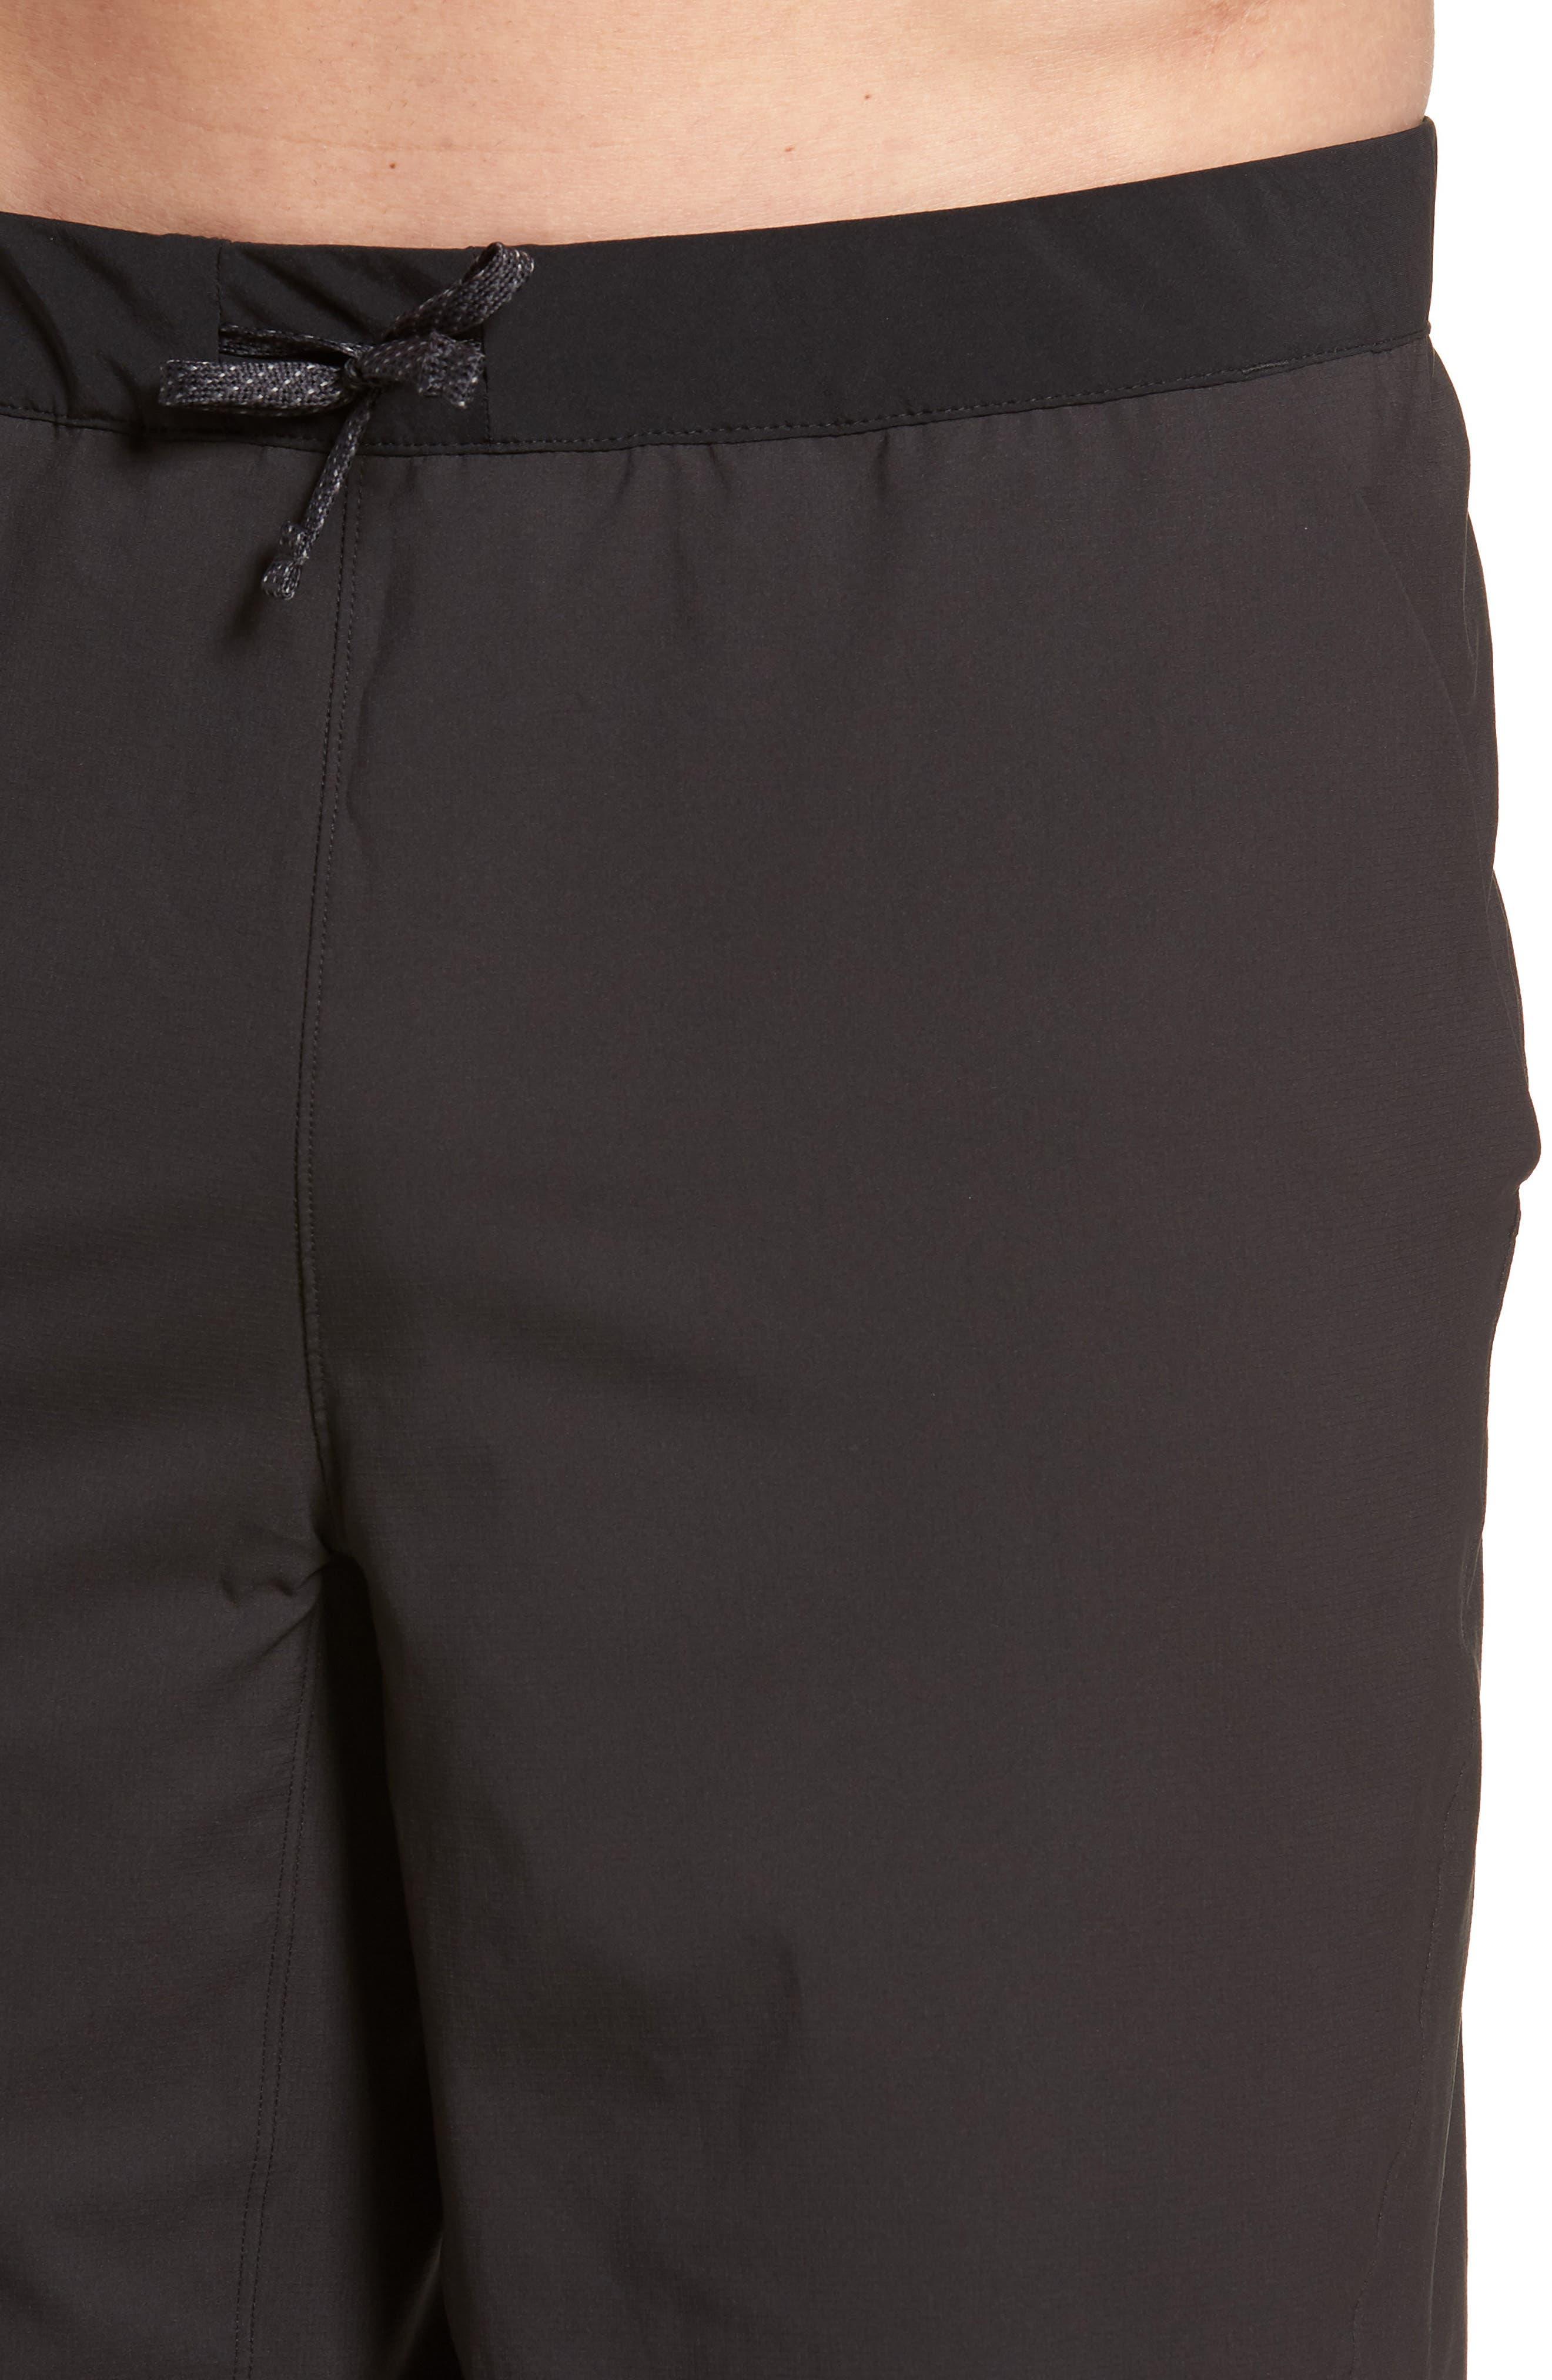 Terrebonne Shorts,                             Alternate thumbnail 4, color,                             001